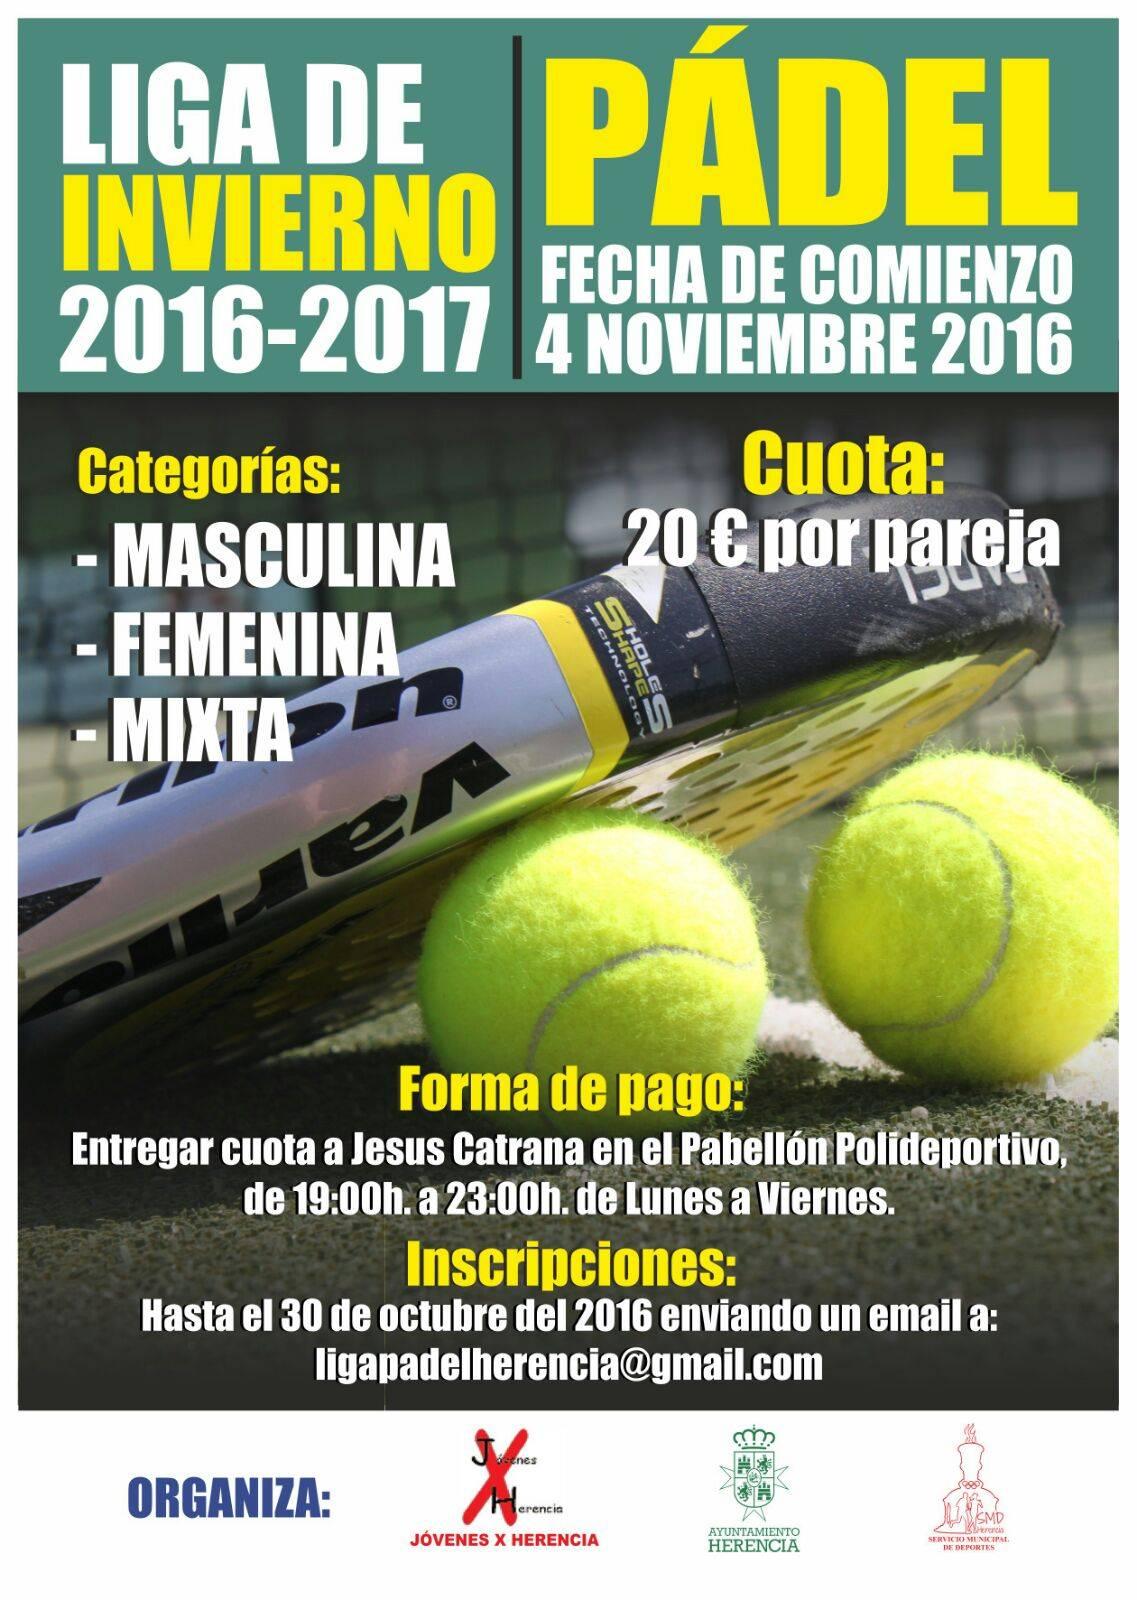 liga de padel de inverno en herencia 2016 2017 - Liga de Pádel de Invierno 2016-2017 en Herencia